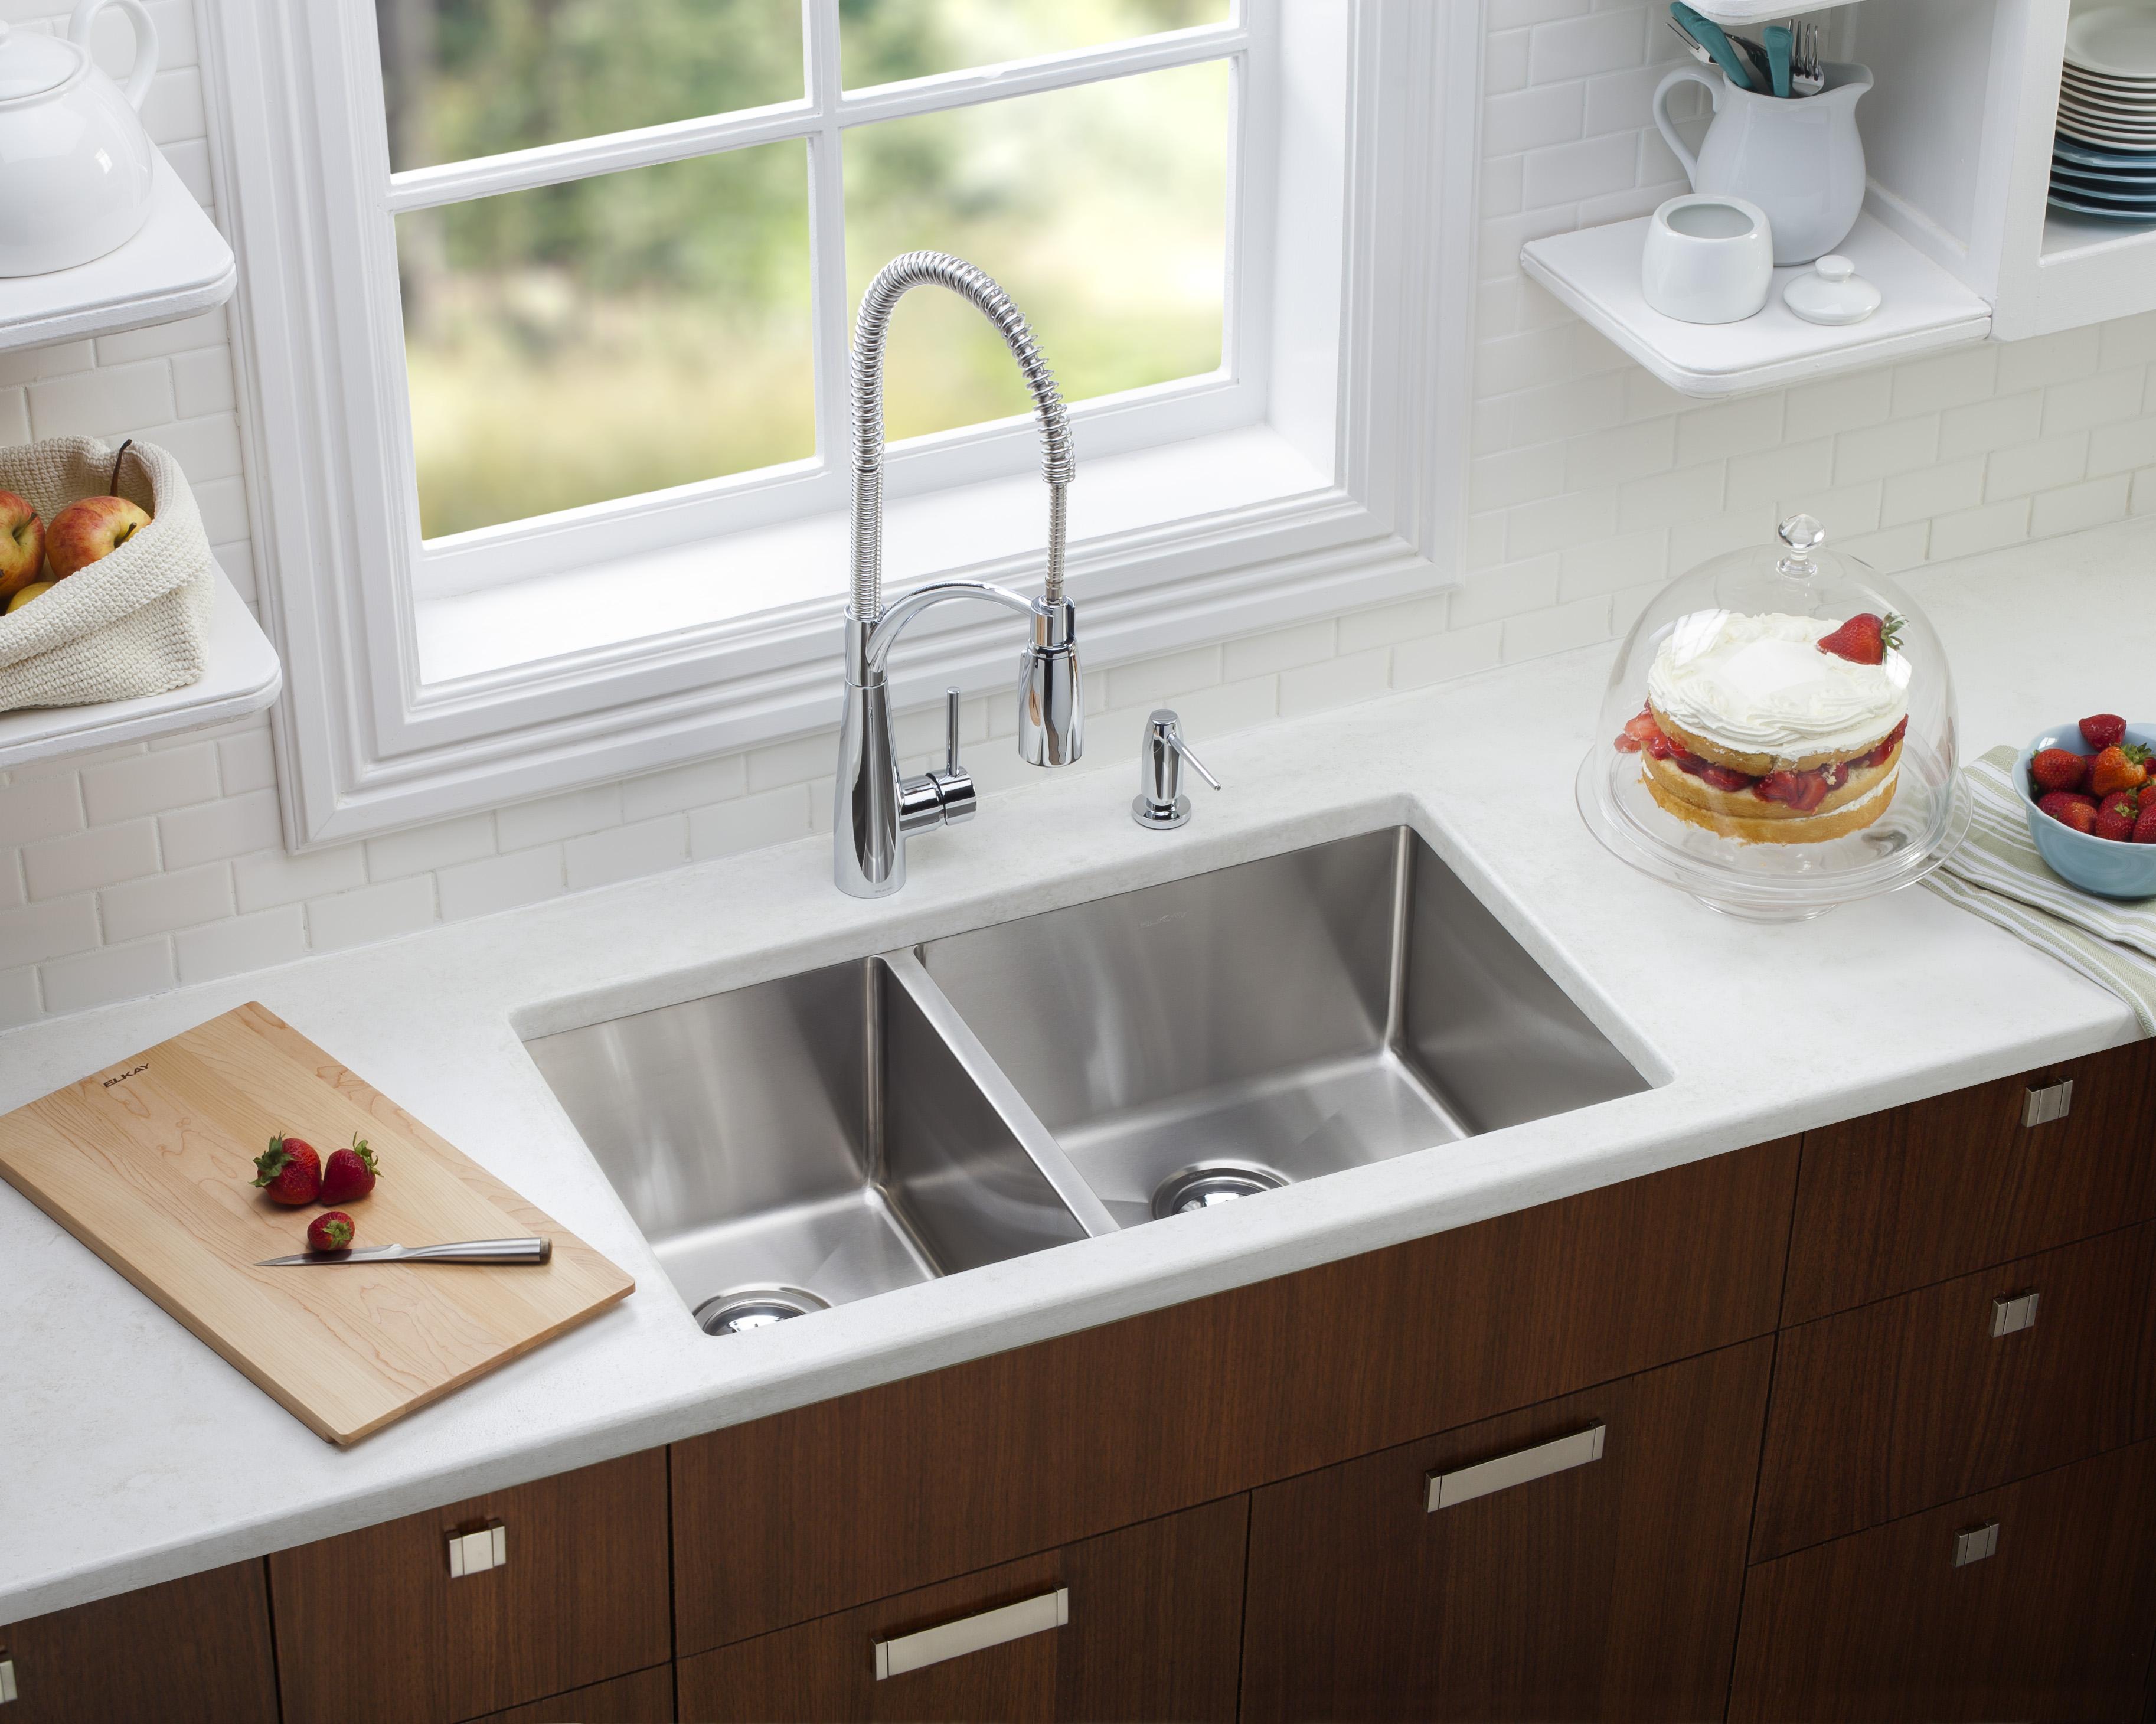 Elkay Kitchen Faucet Parts Subtle Chic Ahl Kitchen Faucets Atlanta Designalicious